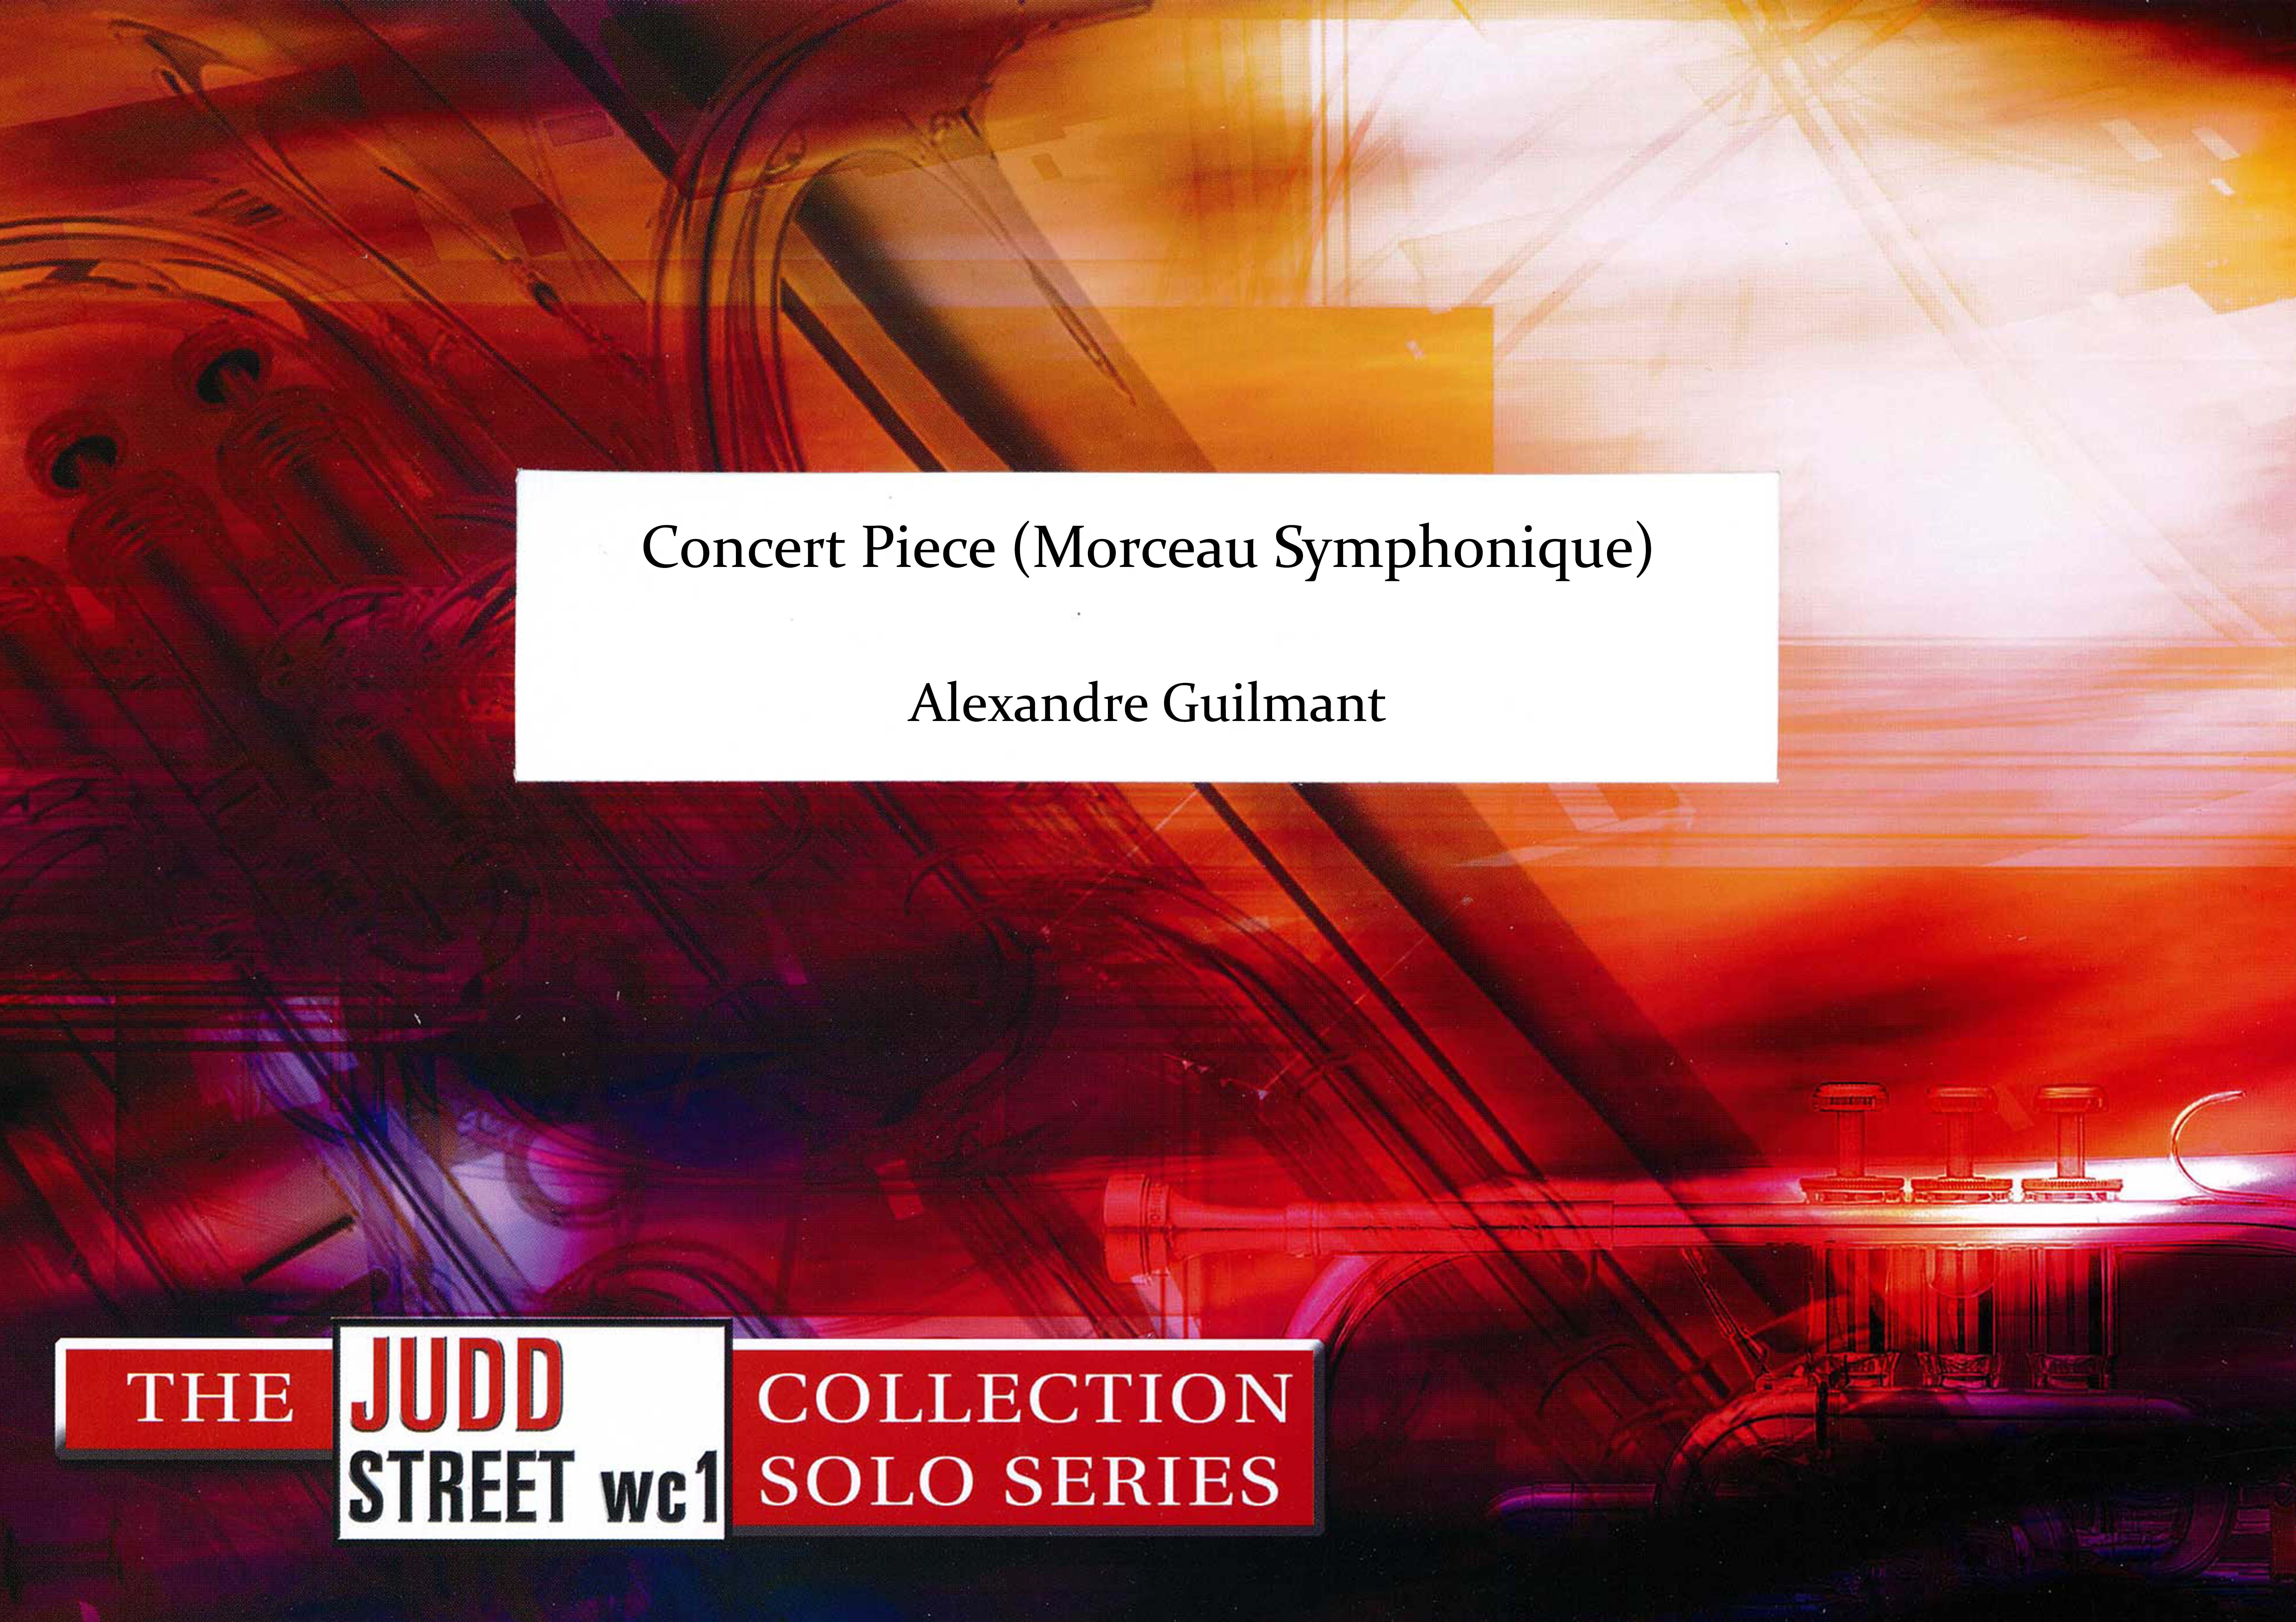 Concert Piece (Morceau Symphonique) (Trombone Solo with Brass Band - Score only)